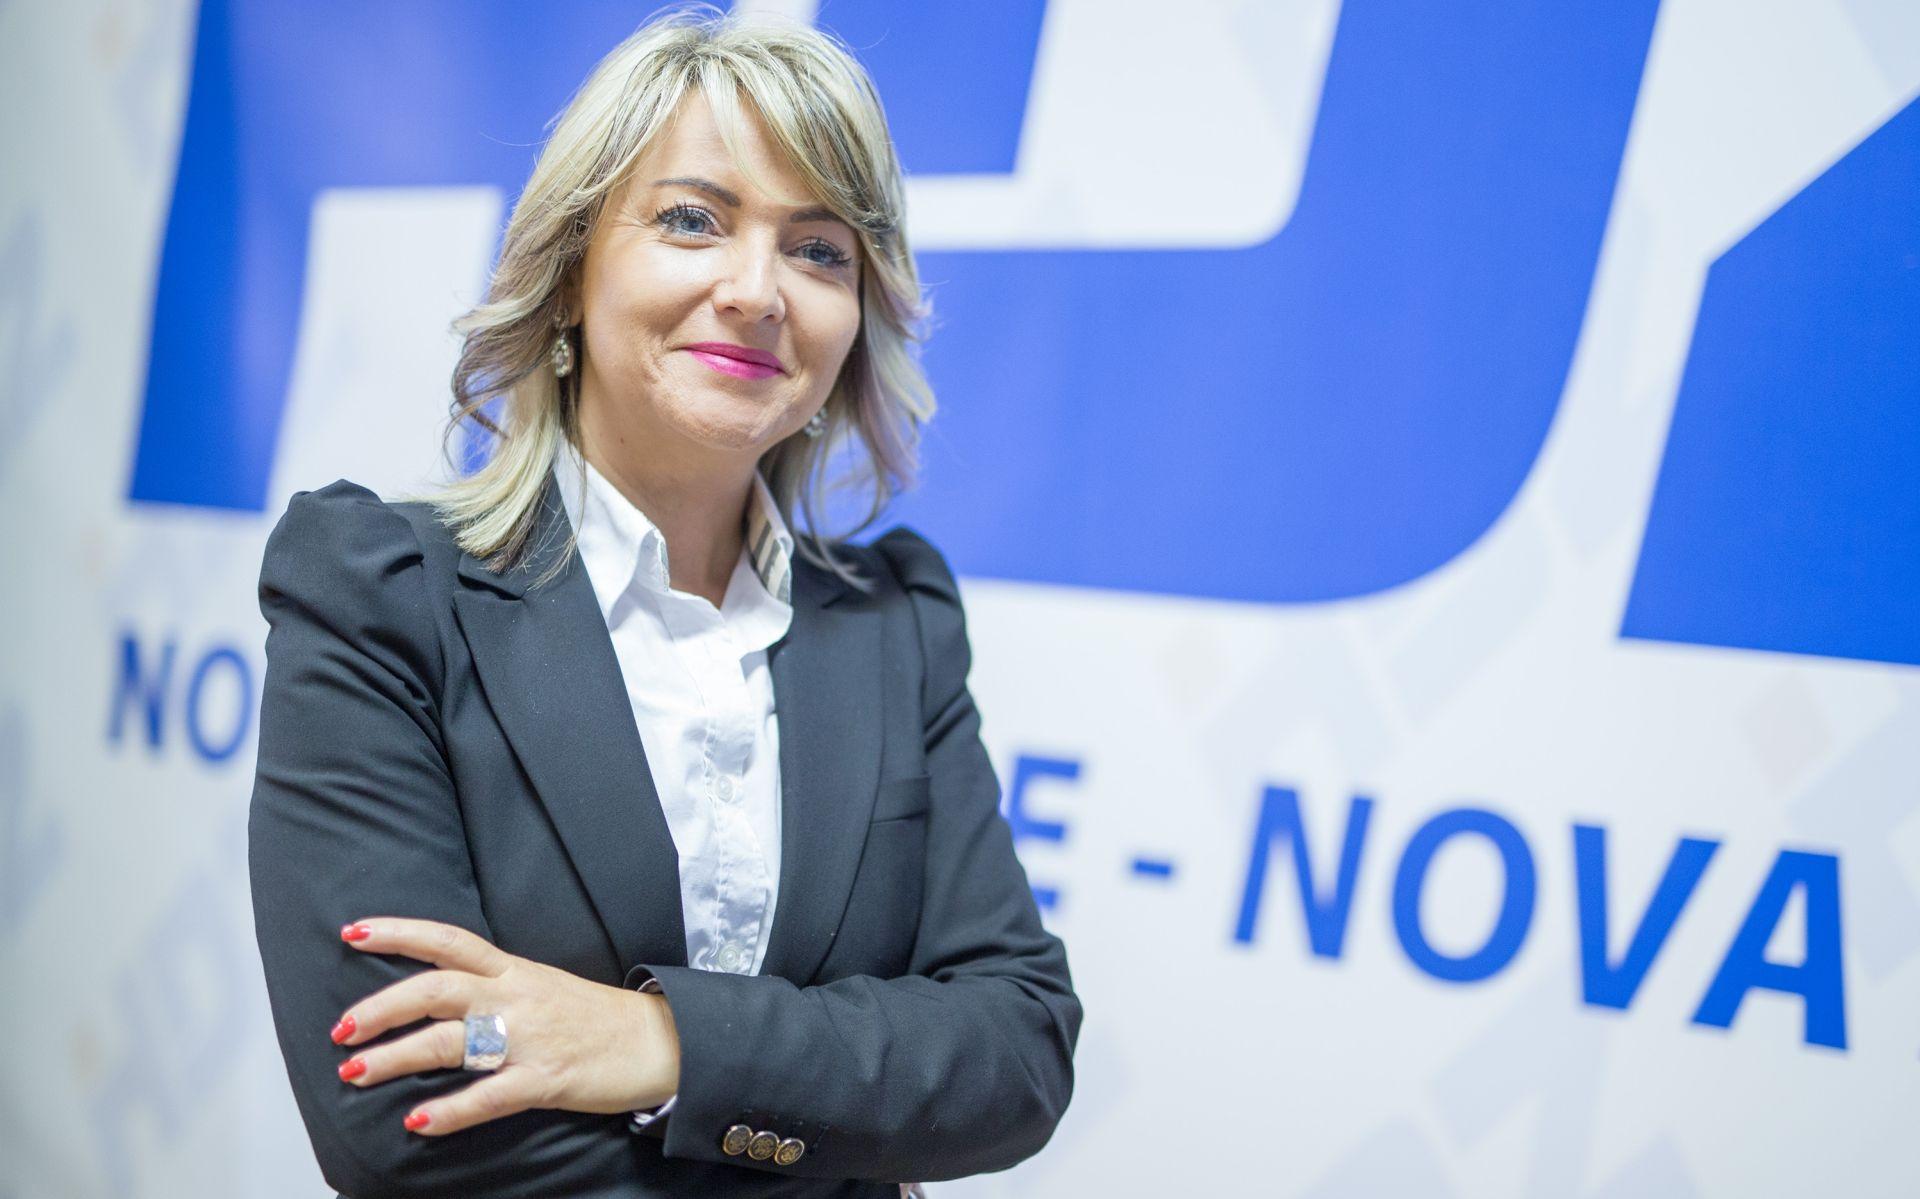 VLADA: Neven Zelić predstojnik premijerova Ureda, Sunčana Glavak glasnogovornica Vlade